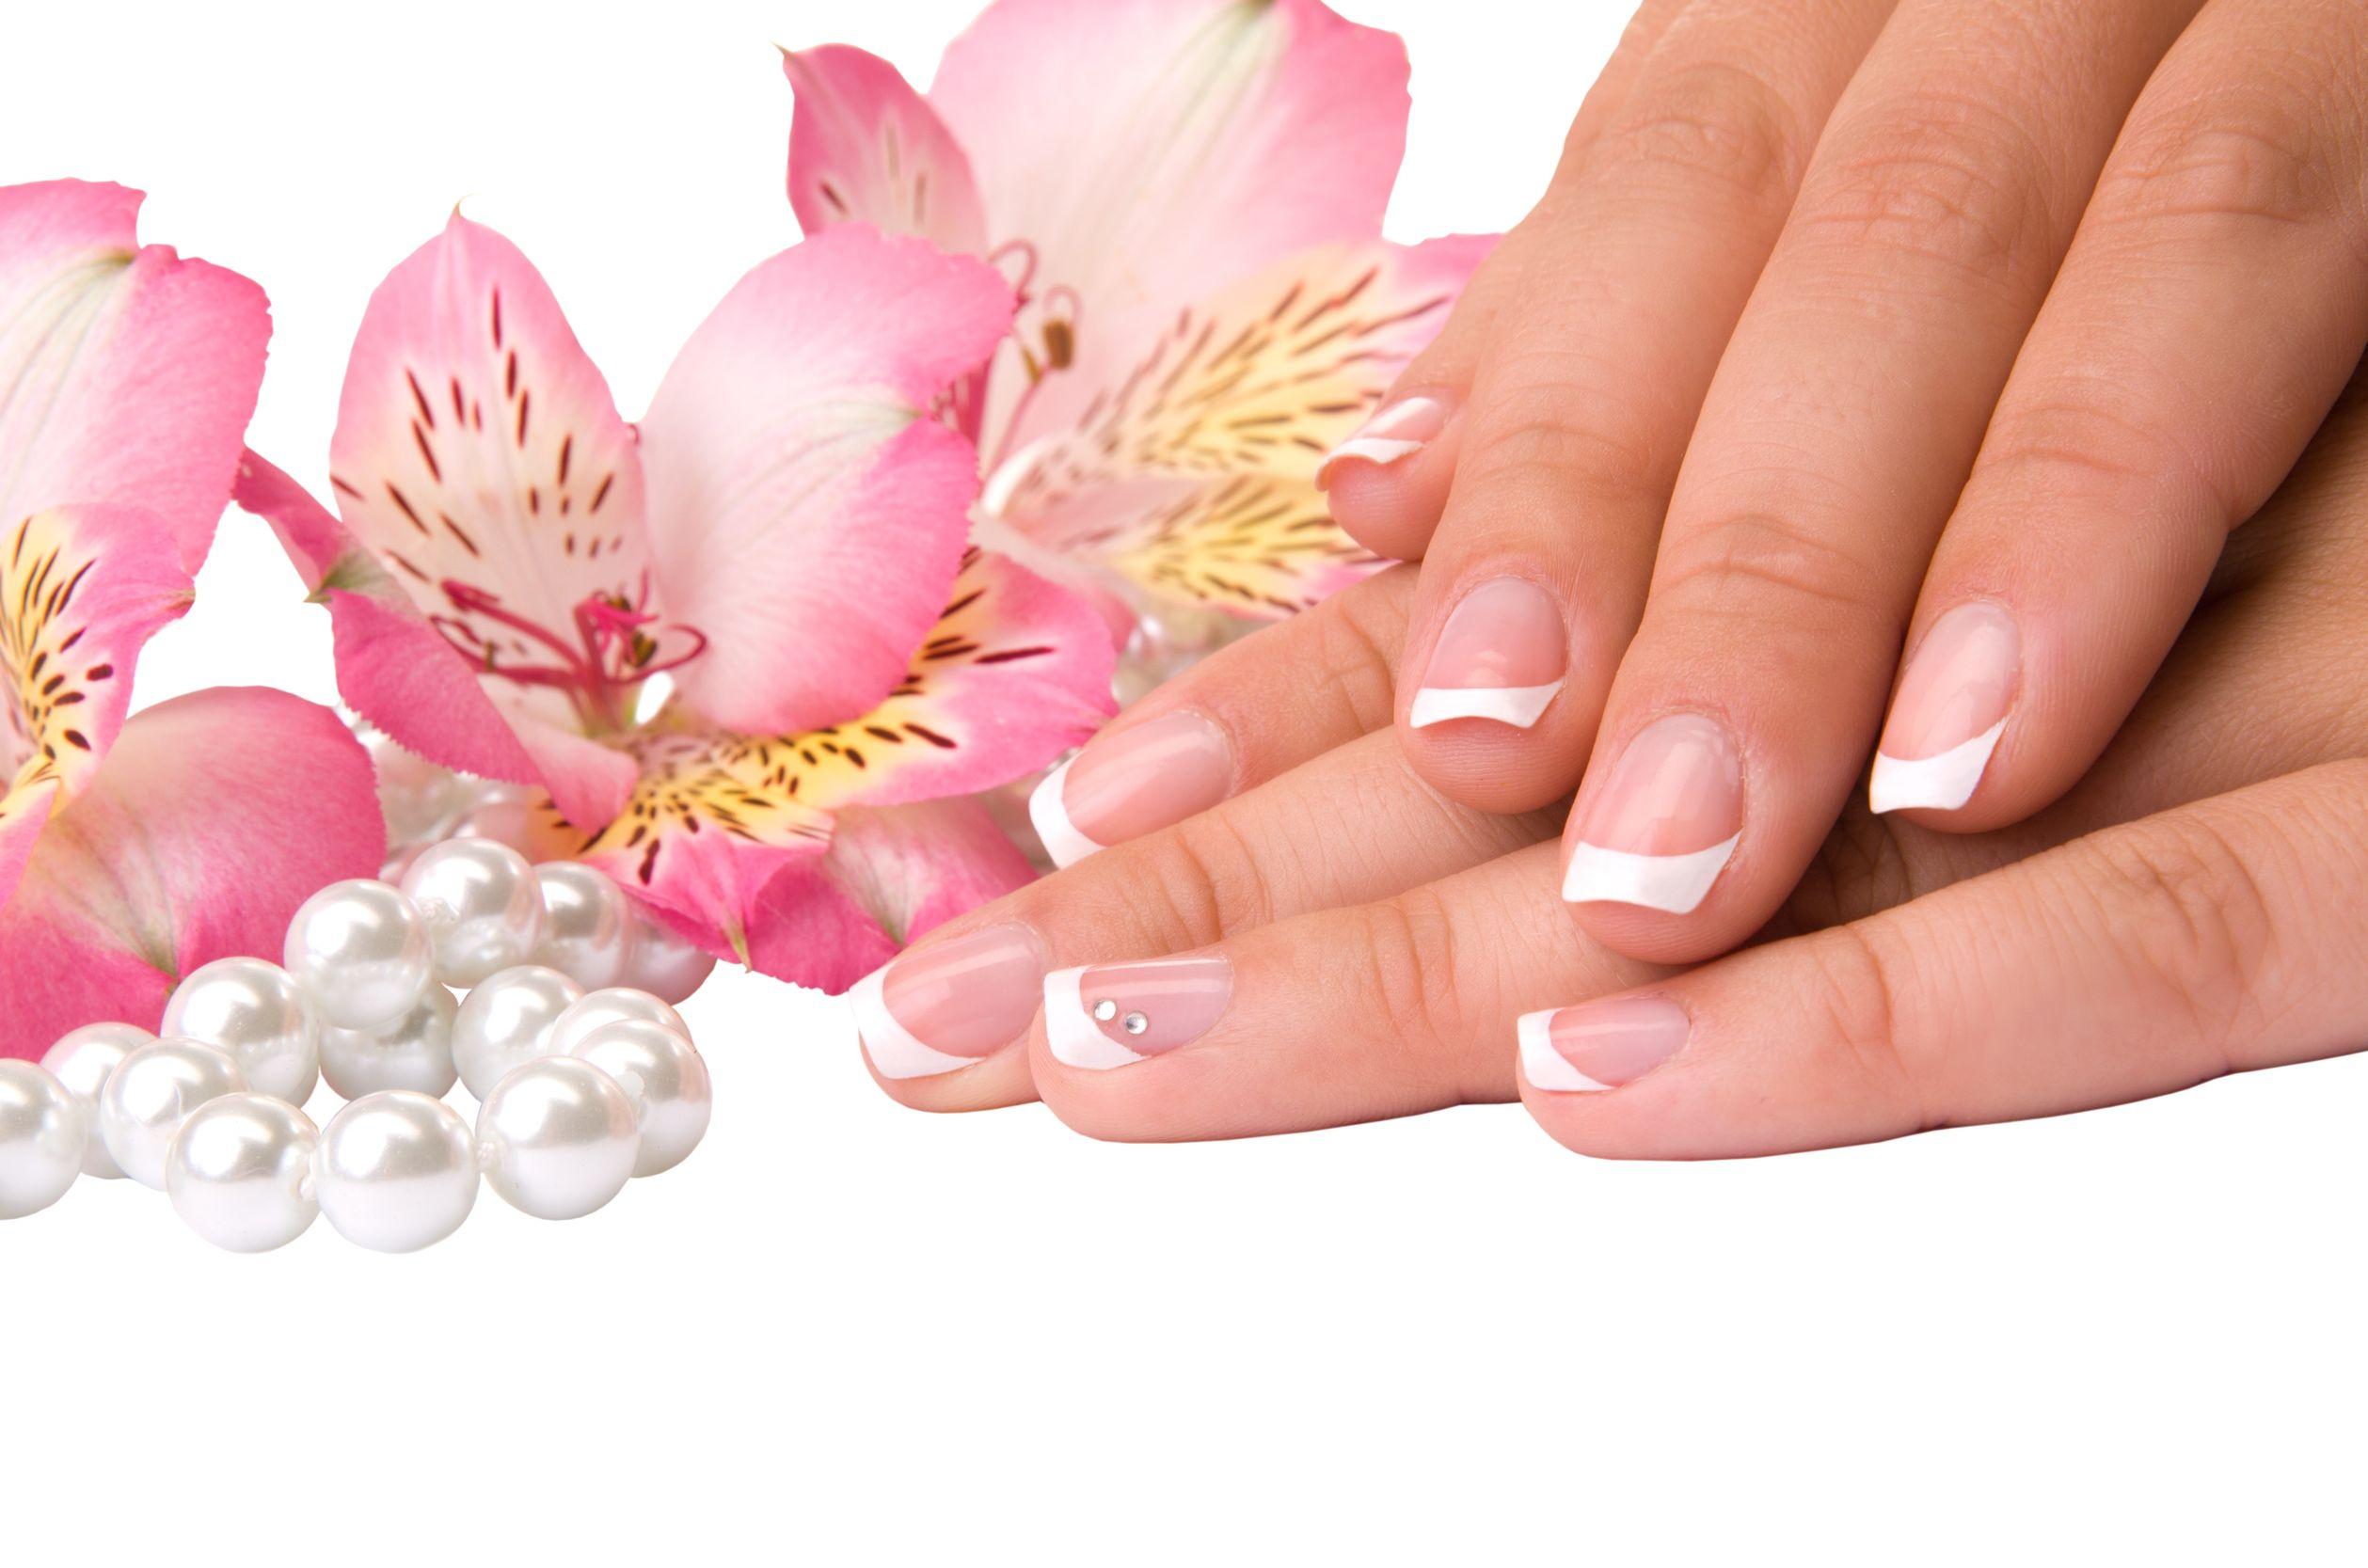 Nail Salons Nail Industry Statistics In Us Nail Center